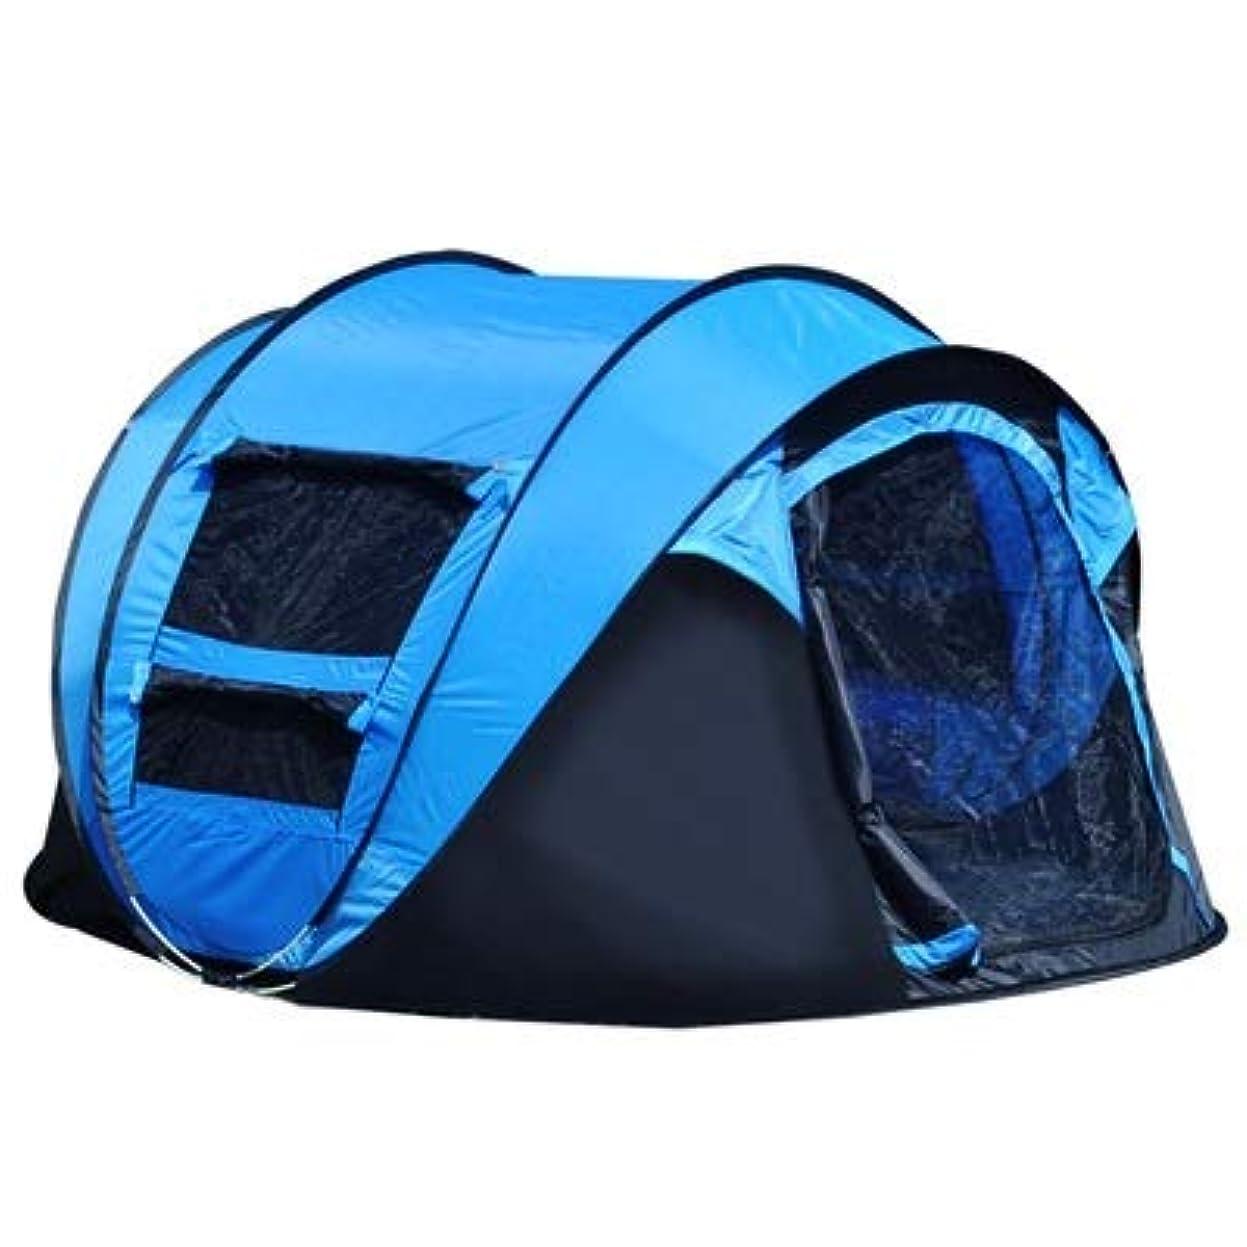 アクセスできない唯一後ValueYee ビーチテントとキャンプテント、簡単セットアップとアウトドアポータブルテント、サンシェルターValueYee